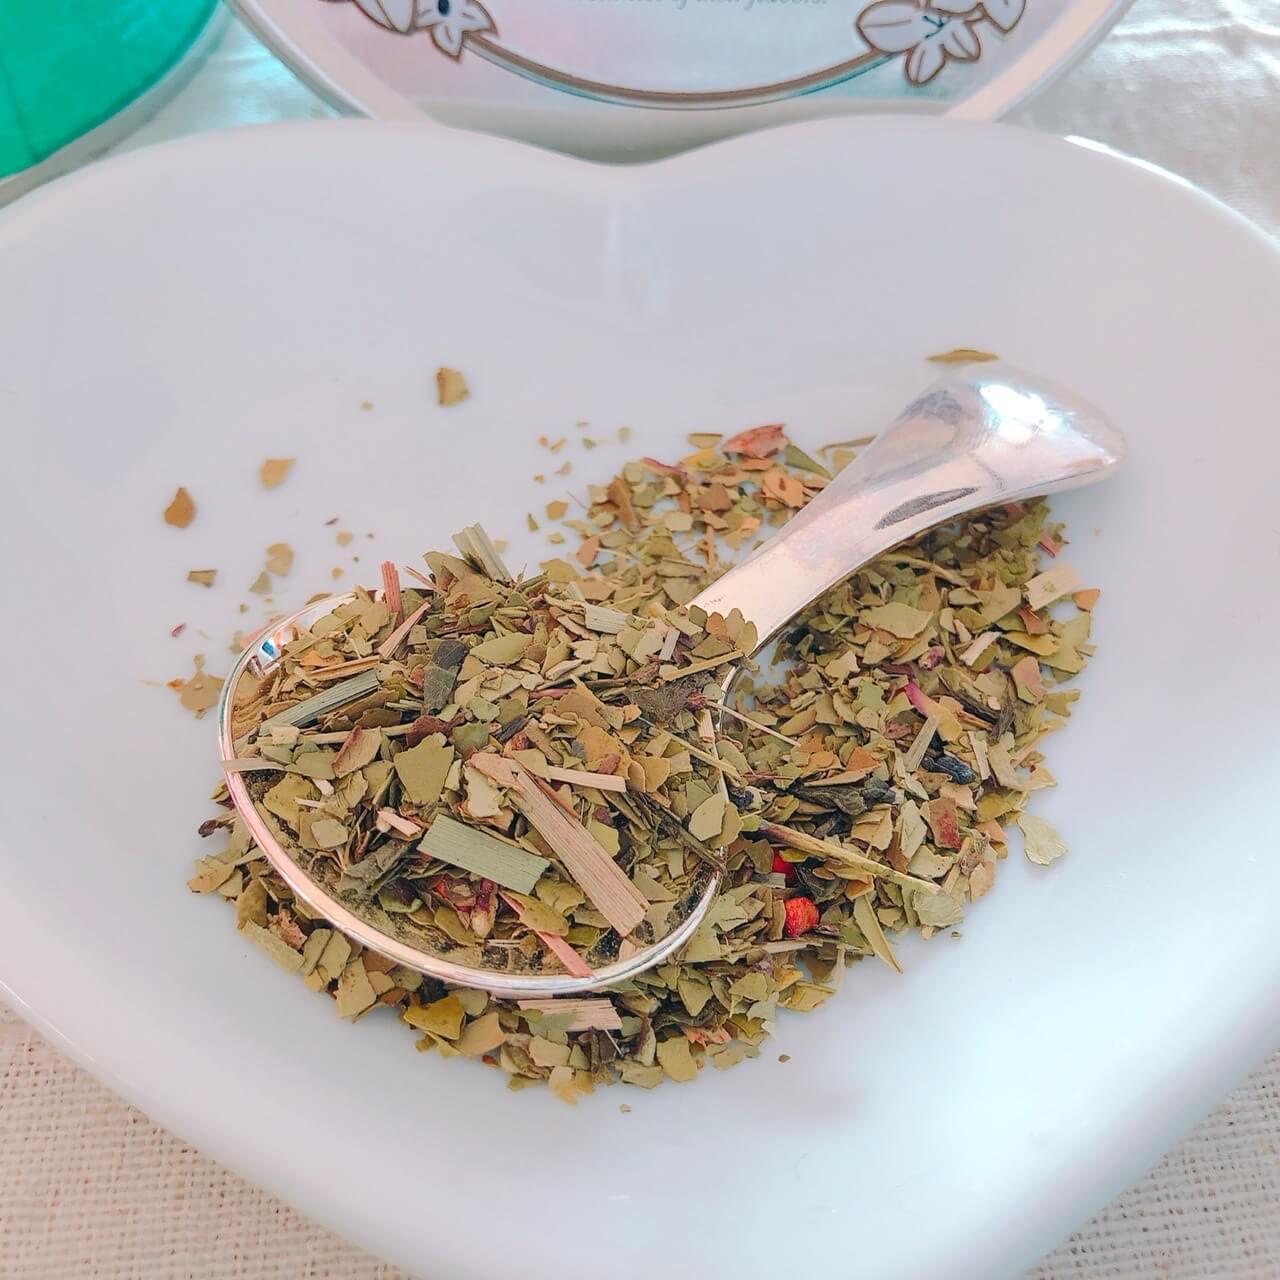 クスミティーエクスピュアオリジナル茶葉の写真。